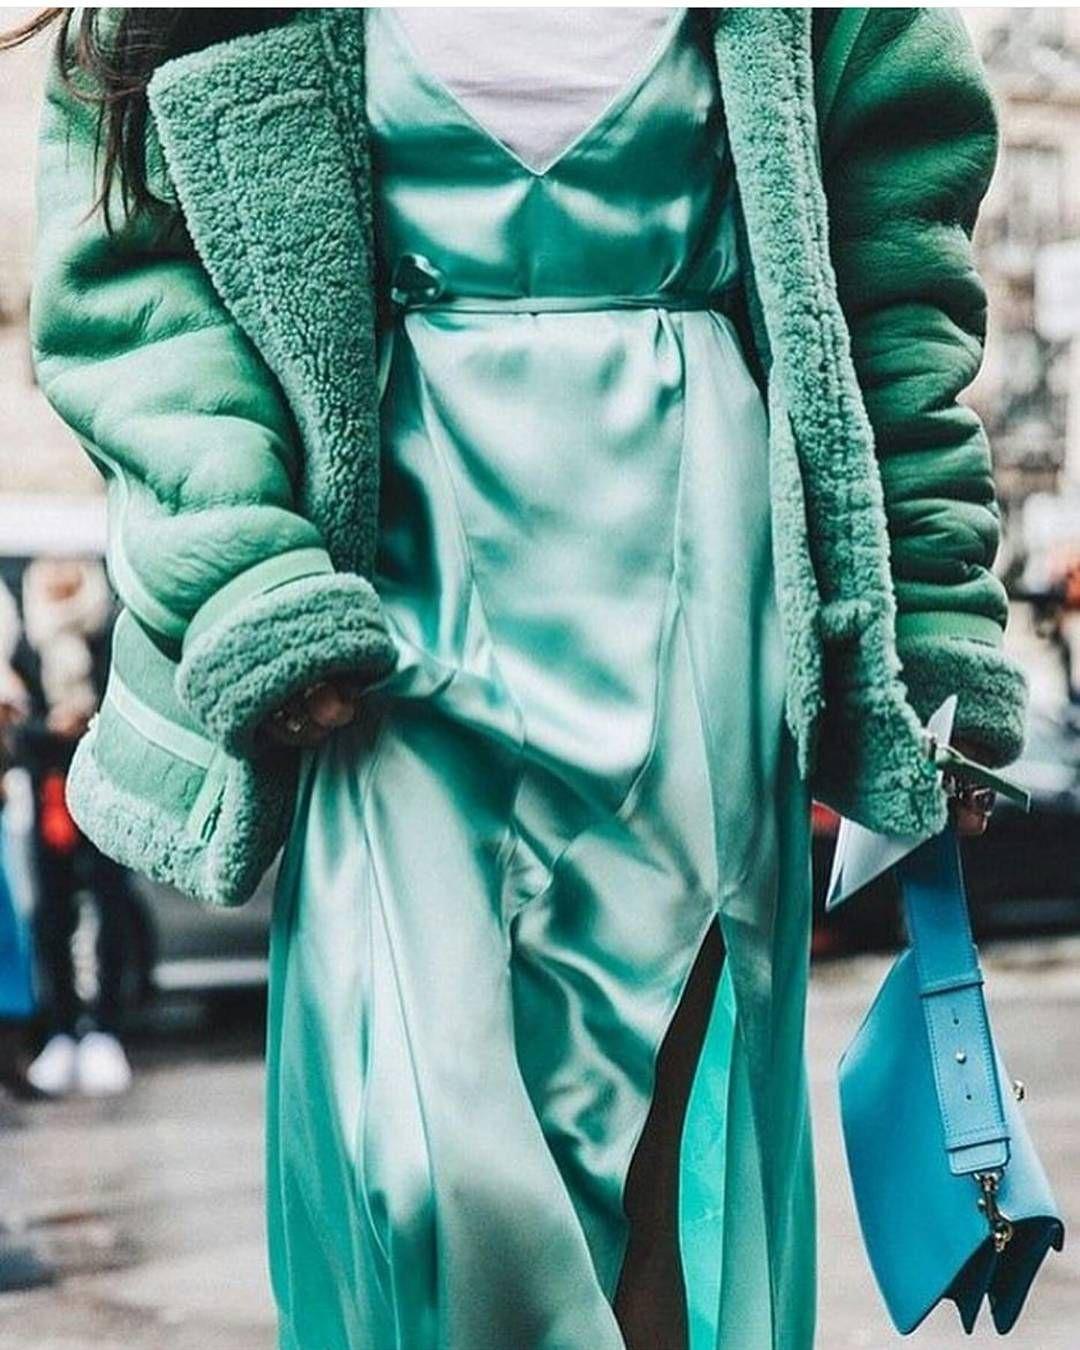 #fashionshow #fashion #runway #model #fashionweek #style #designer #pfw #fashionista #mfw #instafashion #collection #fashiondesigner #designers #parisfashionweek #nyfw #fw15 #couture #hautecouture #mbfw #fashiondesign #streetstyle #design #ootd